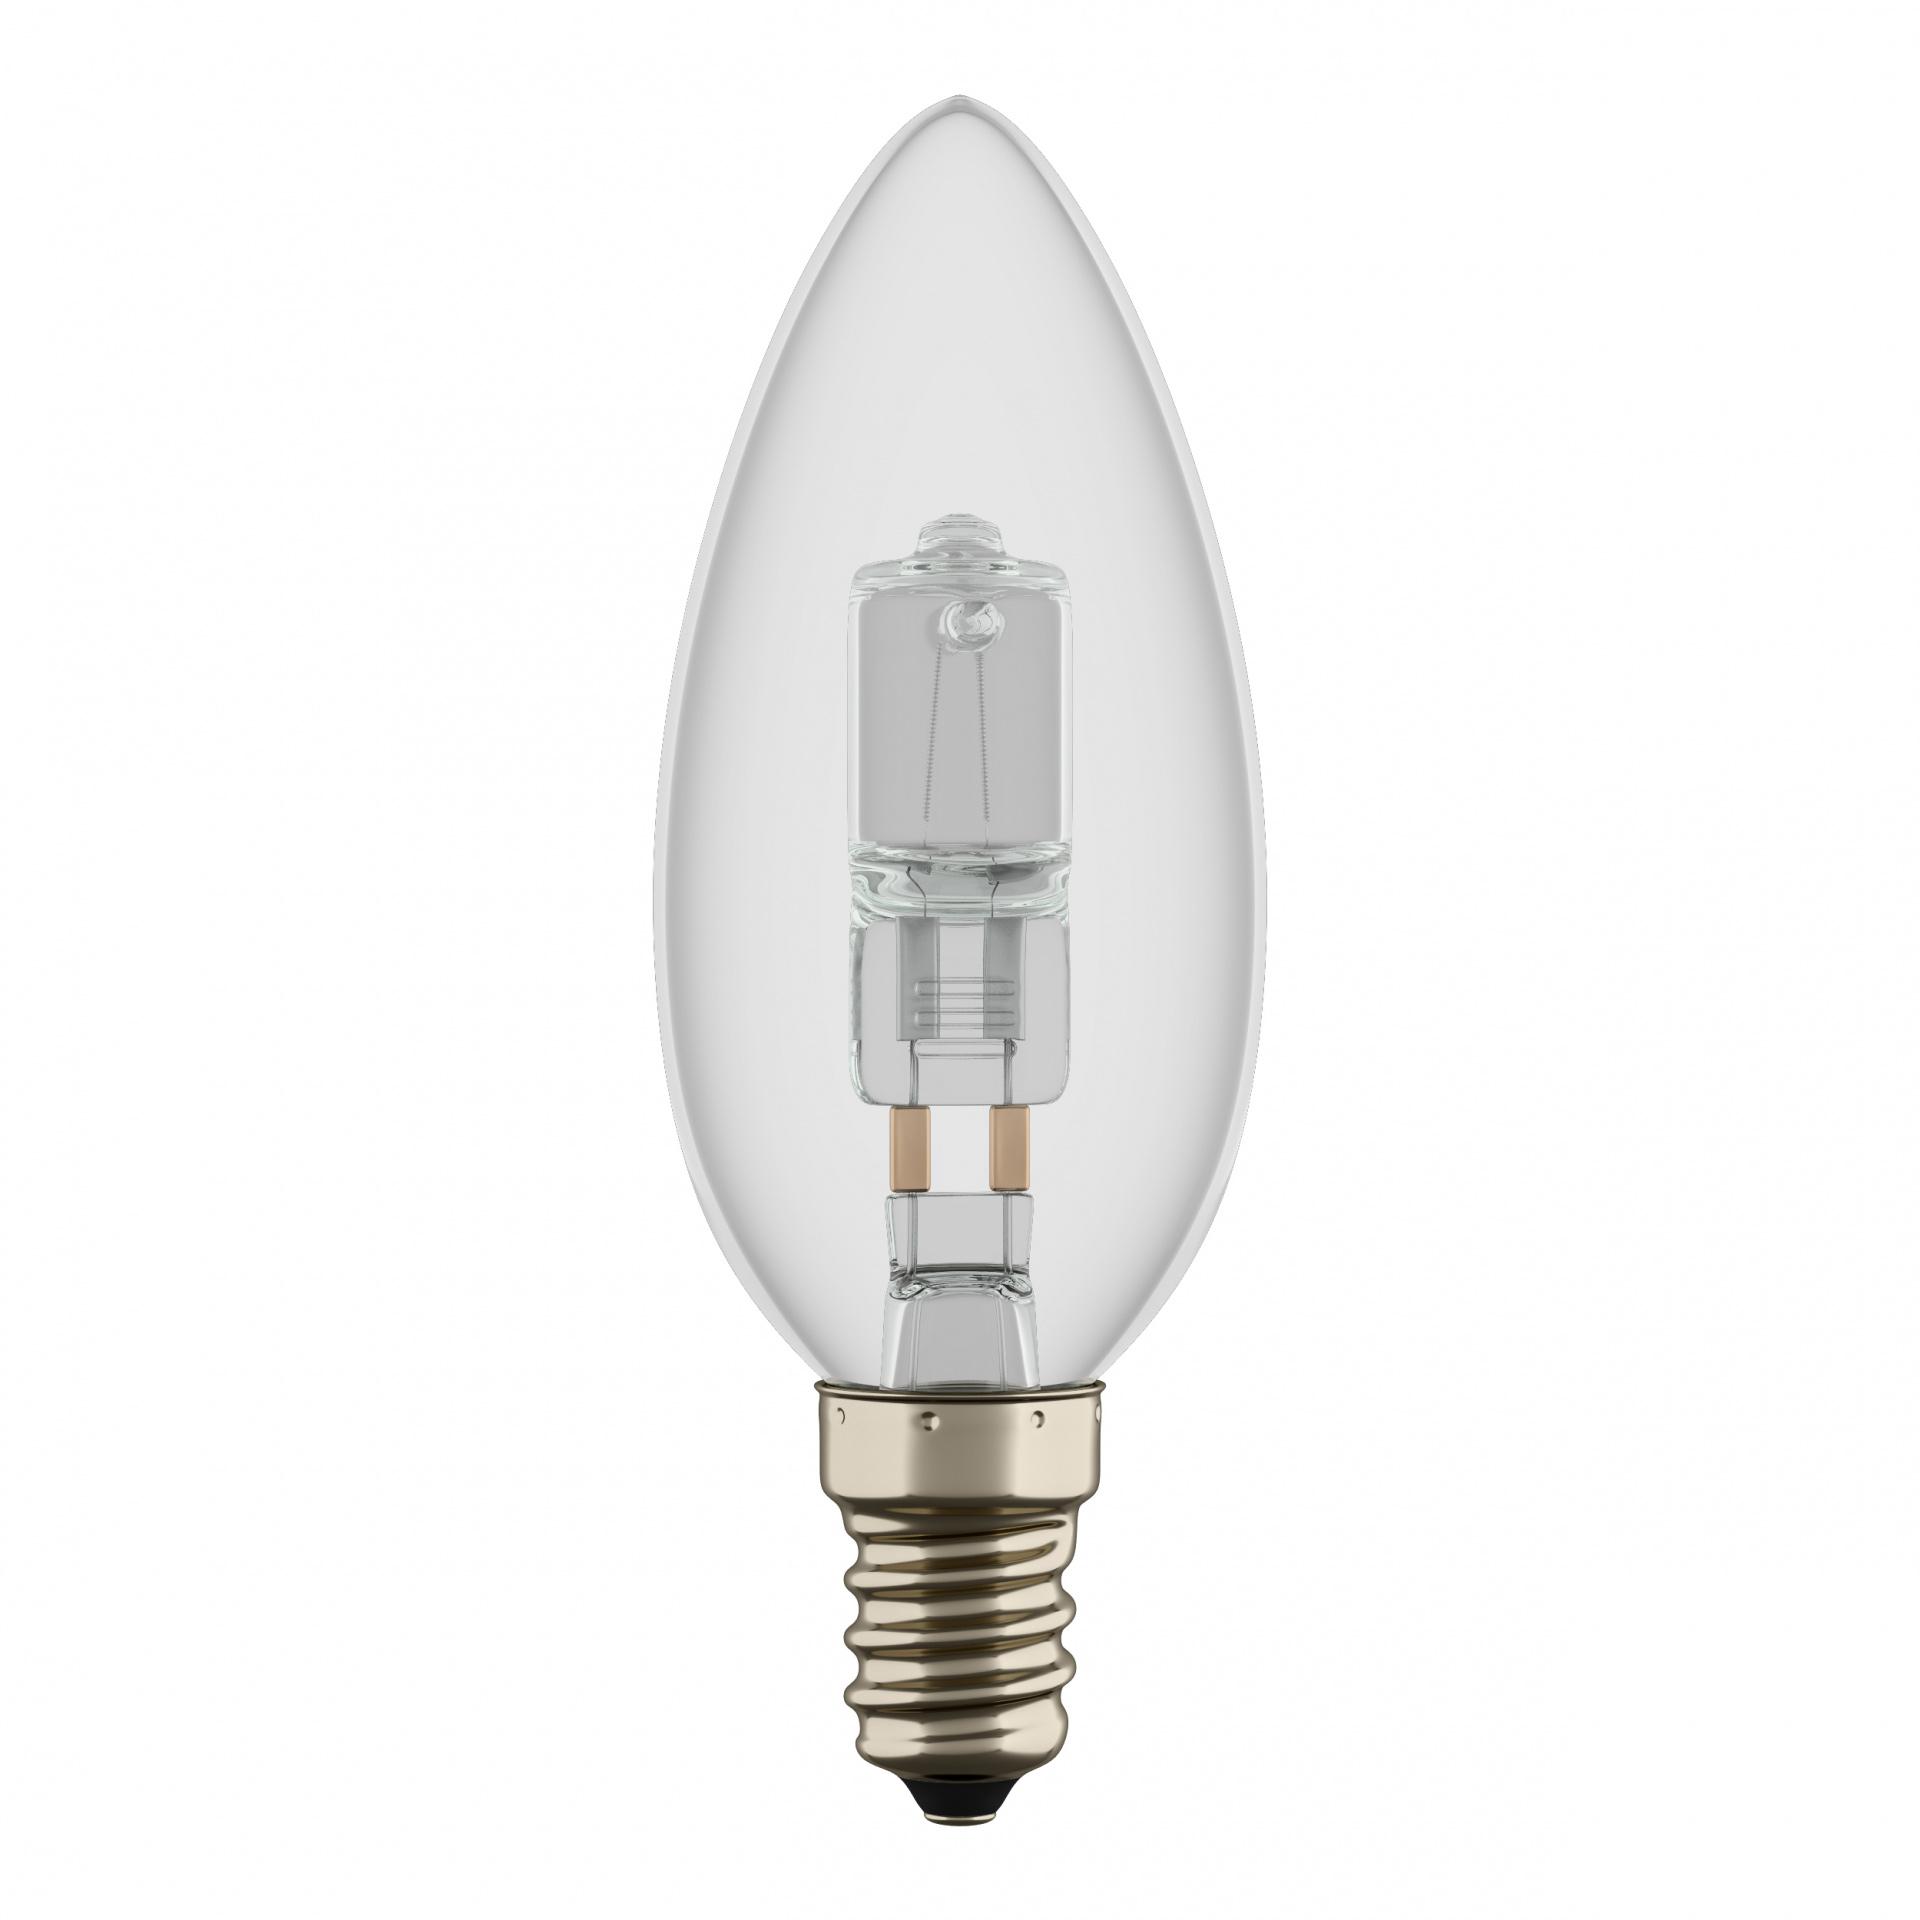 Лампа HAL 220V C35 E14 42W=60W ES RA100 2800K 2000H DIMM Lightstar 922960, купить в СПб, Москве, с доставкой, Санкт-Петербург, интернет-магазин люстр и светильников Starlight, фото в жизни